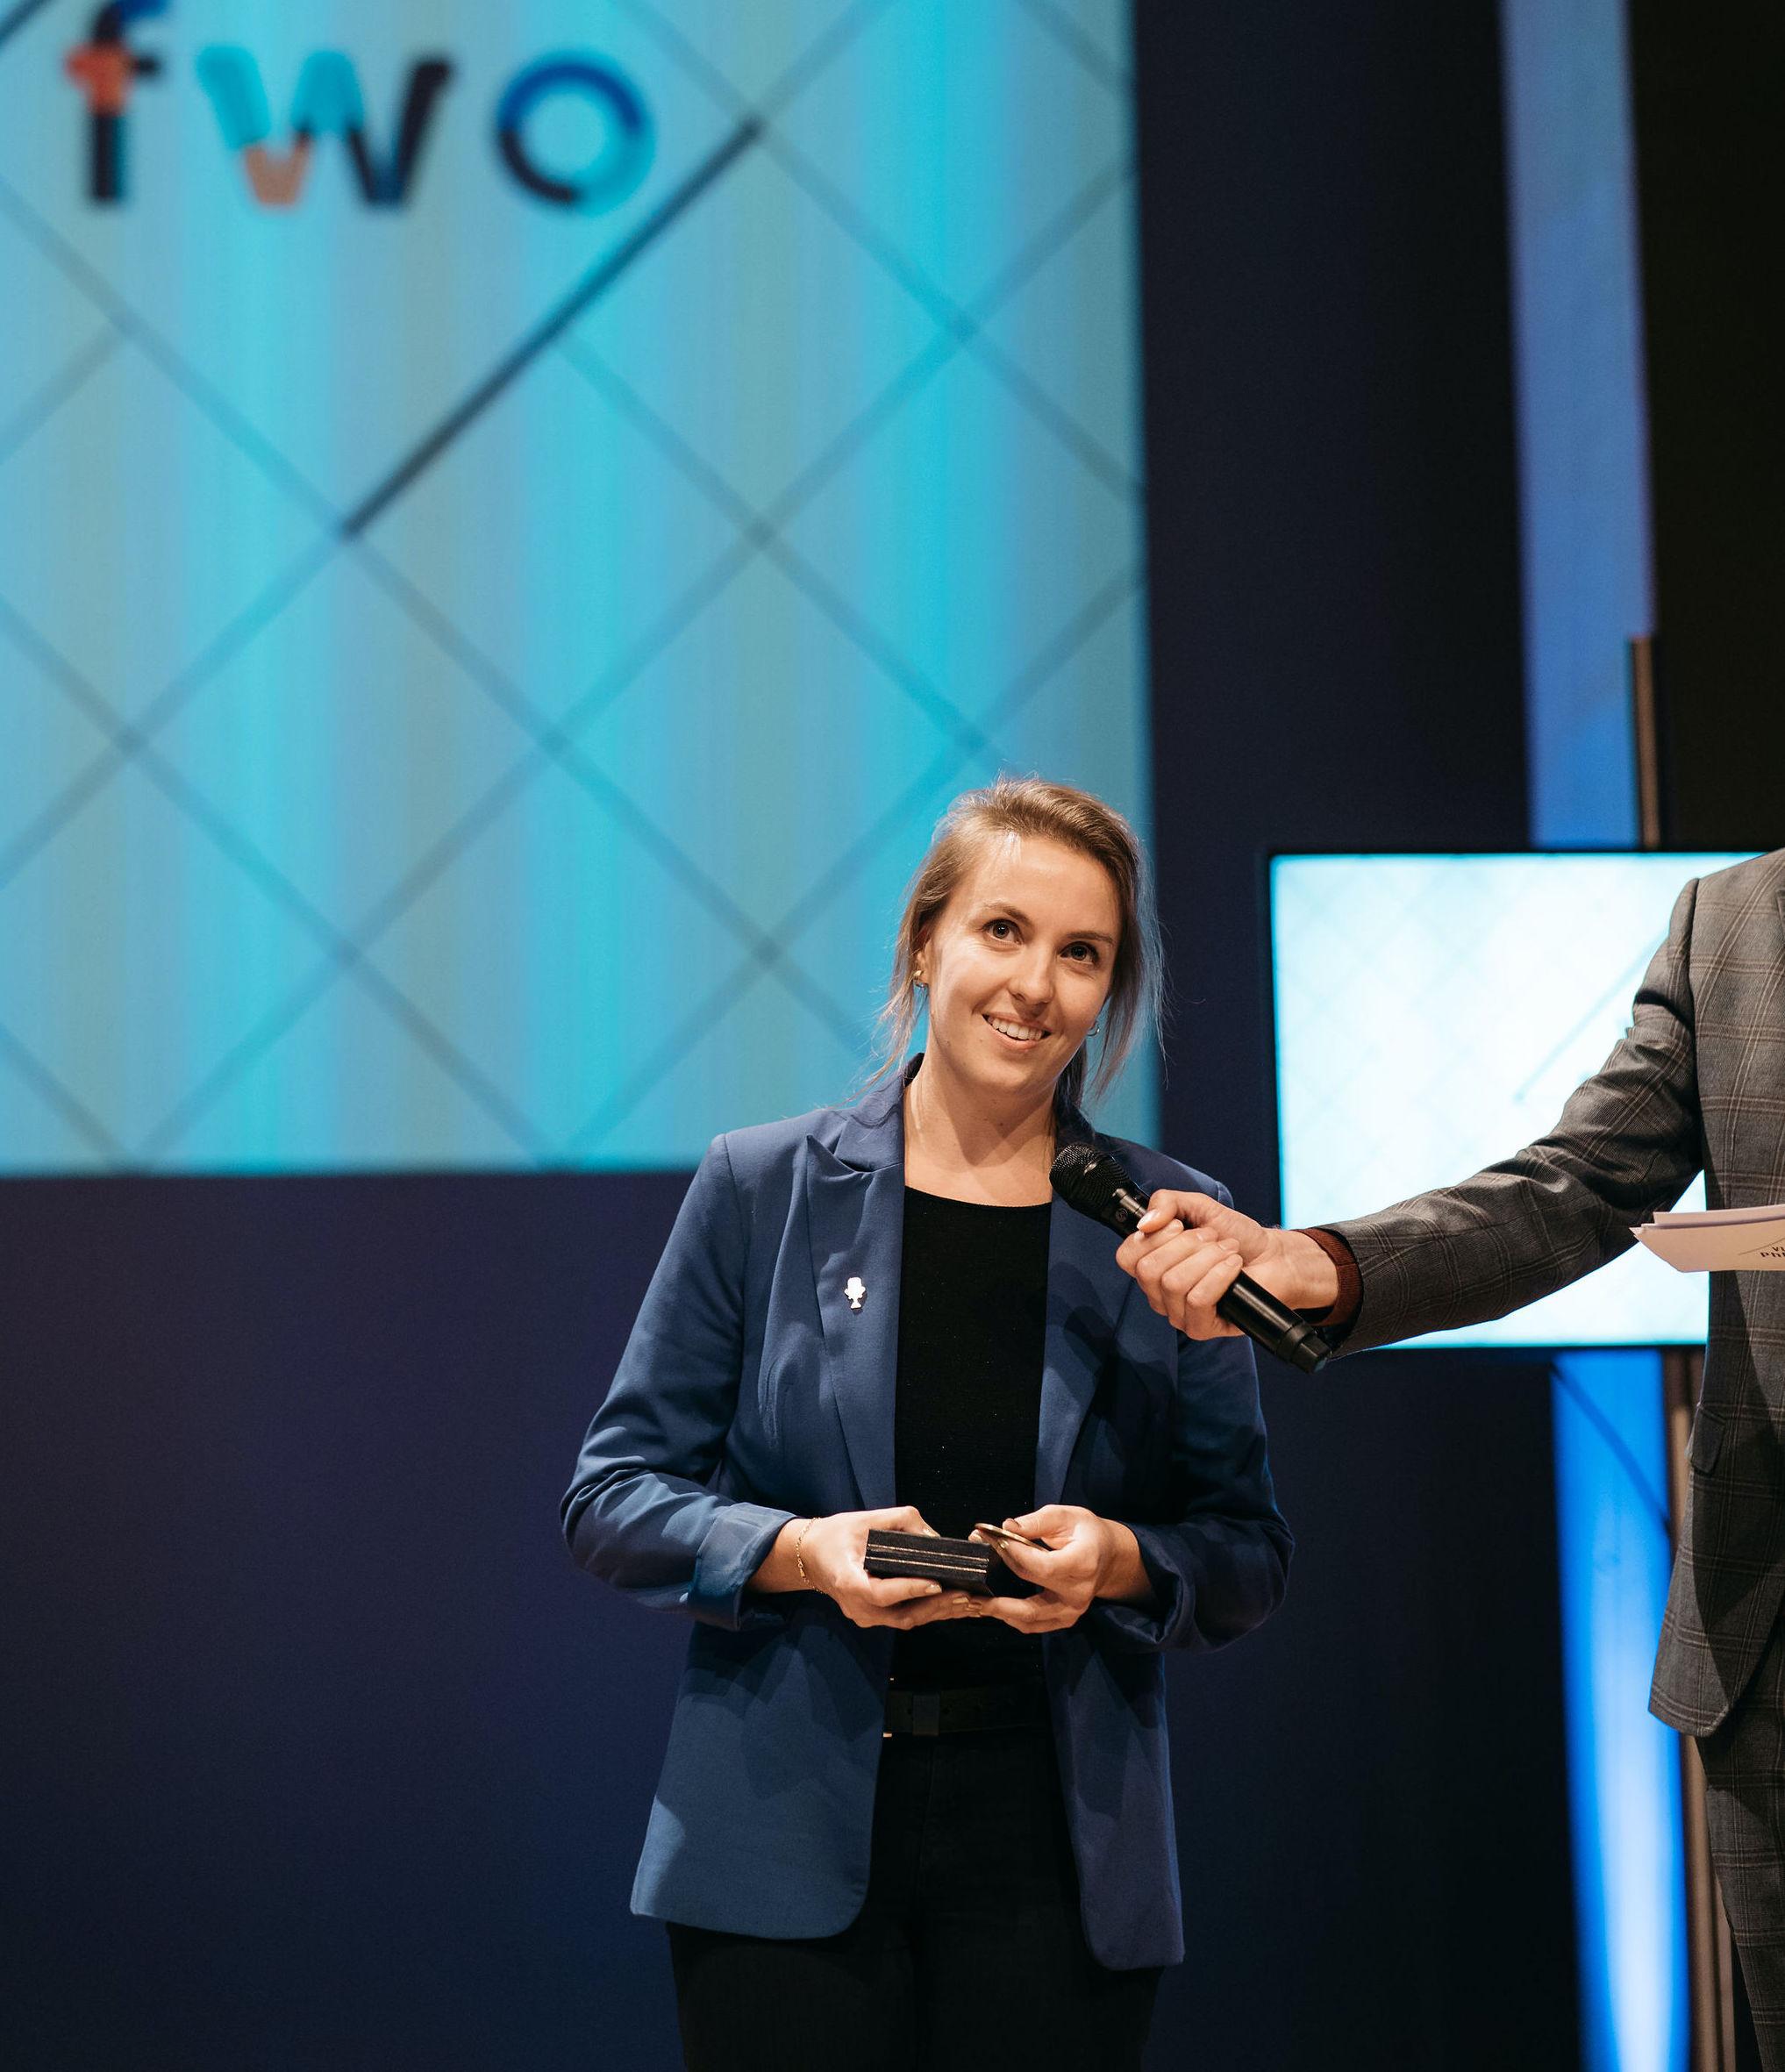 Sofie wint publieksprijs PhD Cup